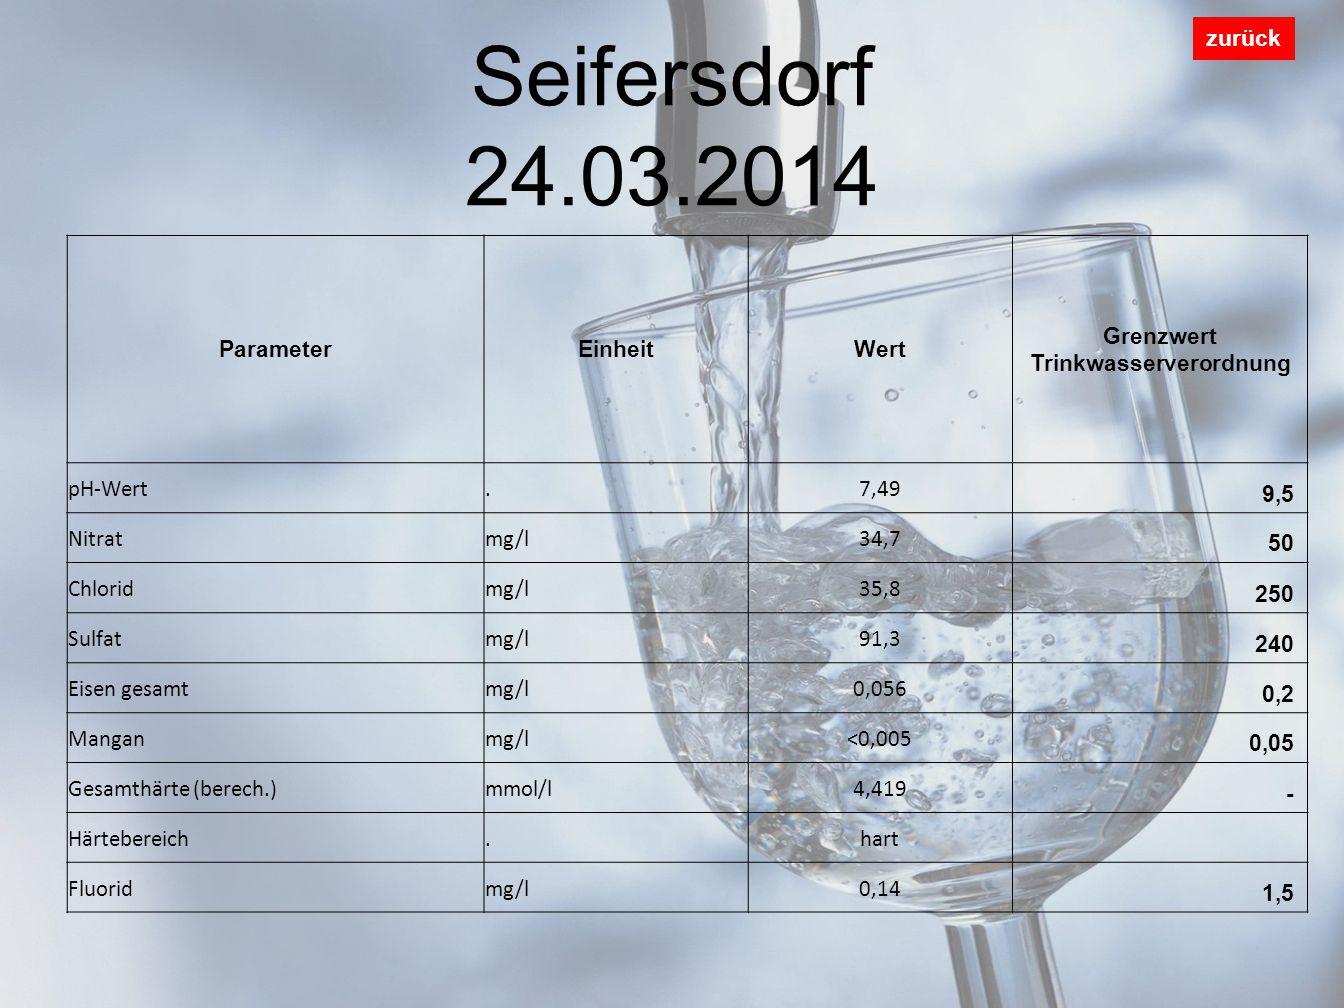 Seifersdorf 24.03.2014 zurück ParameterEinheitWert Grenzwert Trinkwasserverordnung pH-Wert.7,49 9,5 Nitratmg/l34,7 50 Chloridmg/l35,8 250 Sulfatmg/l91,3 240 Eisen gesamtmg/l0,056 0,2 Manganmg/l<0,005 0,05 Gesamthärte (berech.)mmol/l4,419 - Härtebereich.hart Fluoridmg/l0,14 1,5